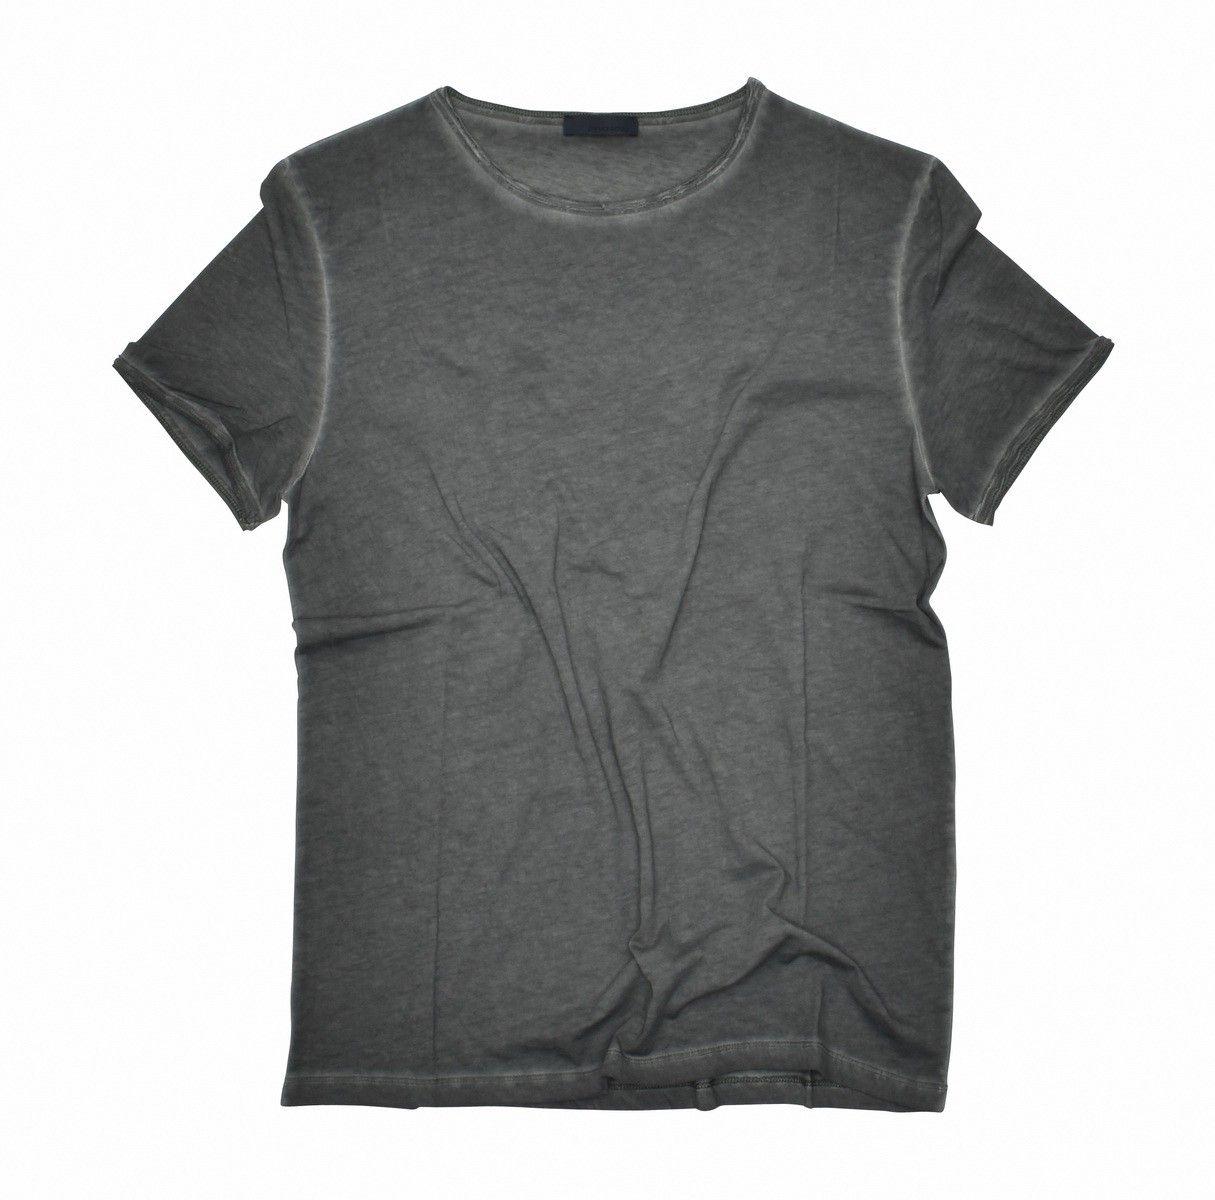 DRAKEWOOD - Herren T-Shirt Jeff - Coco